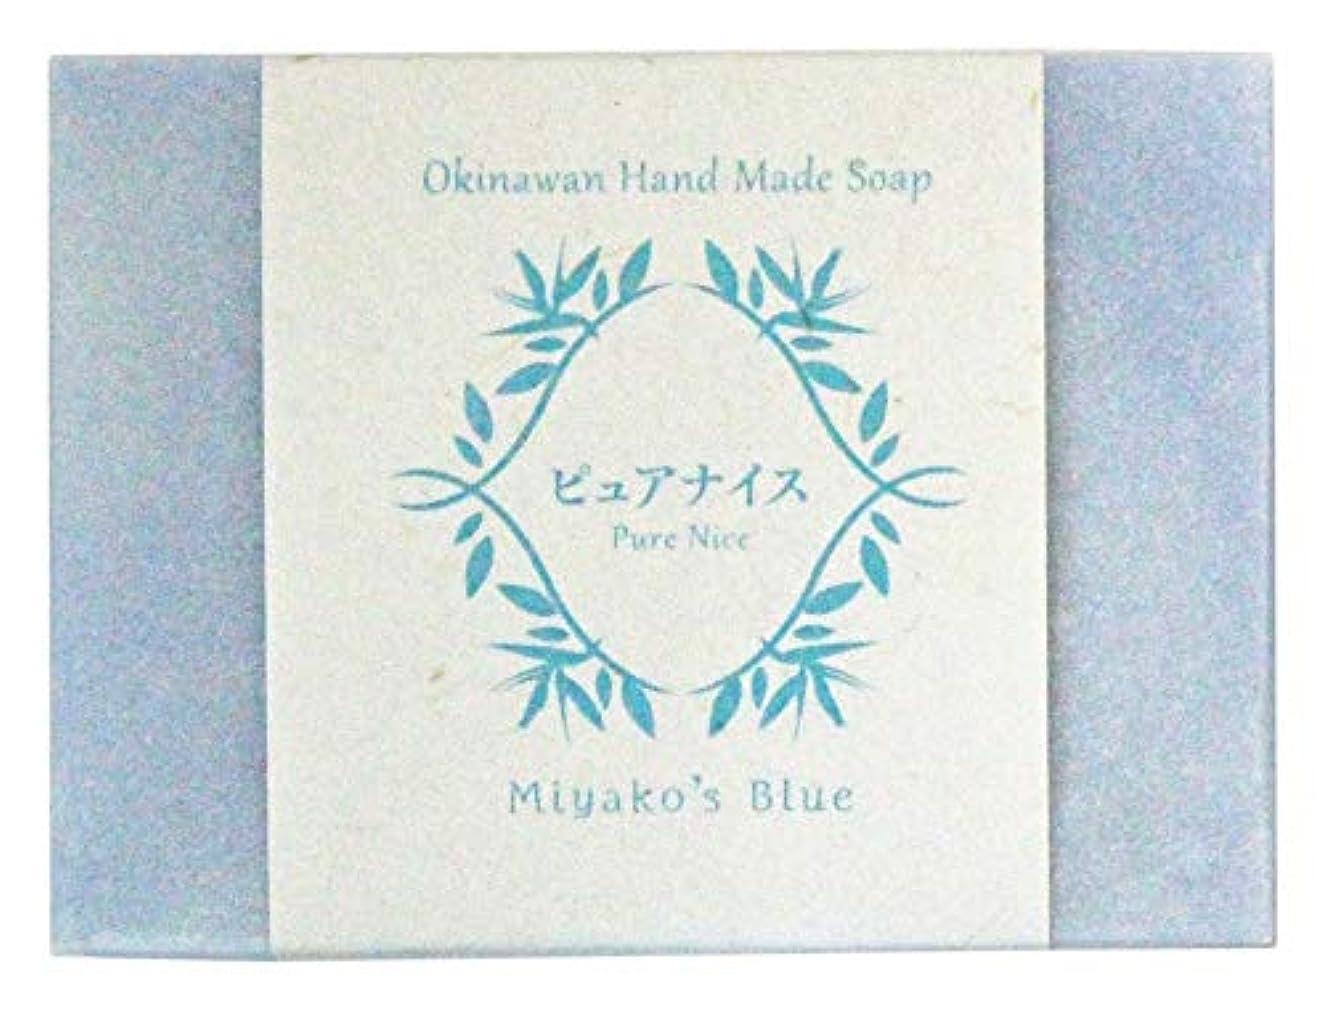 ちっちゃい地殻貧困ピュアナイス おきなわ素材石けん Miyako's Blue 100g 3個セット